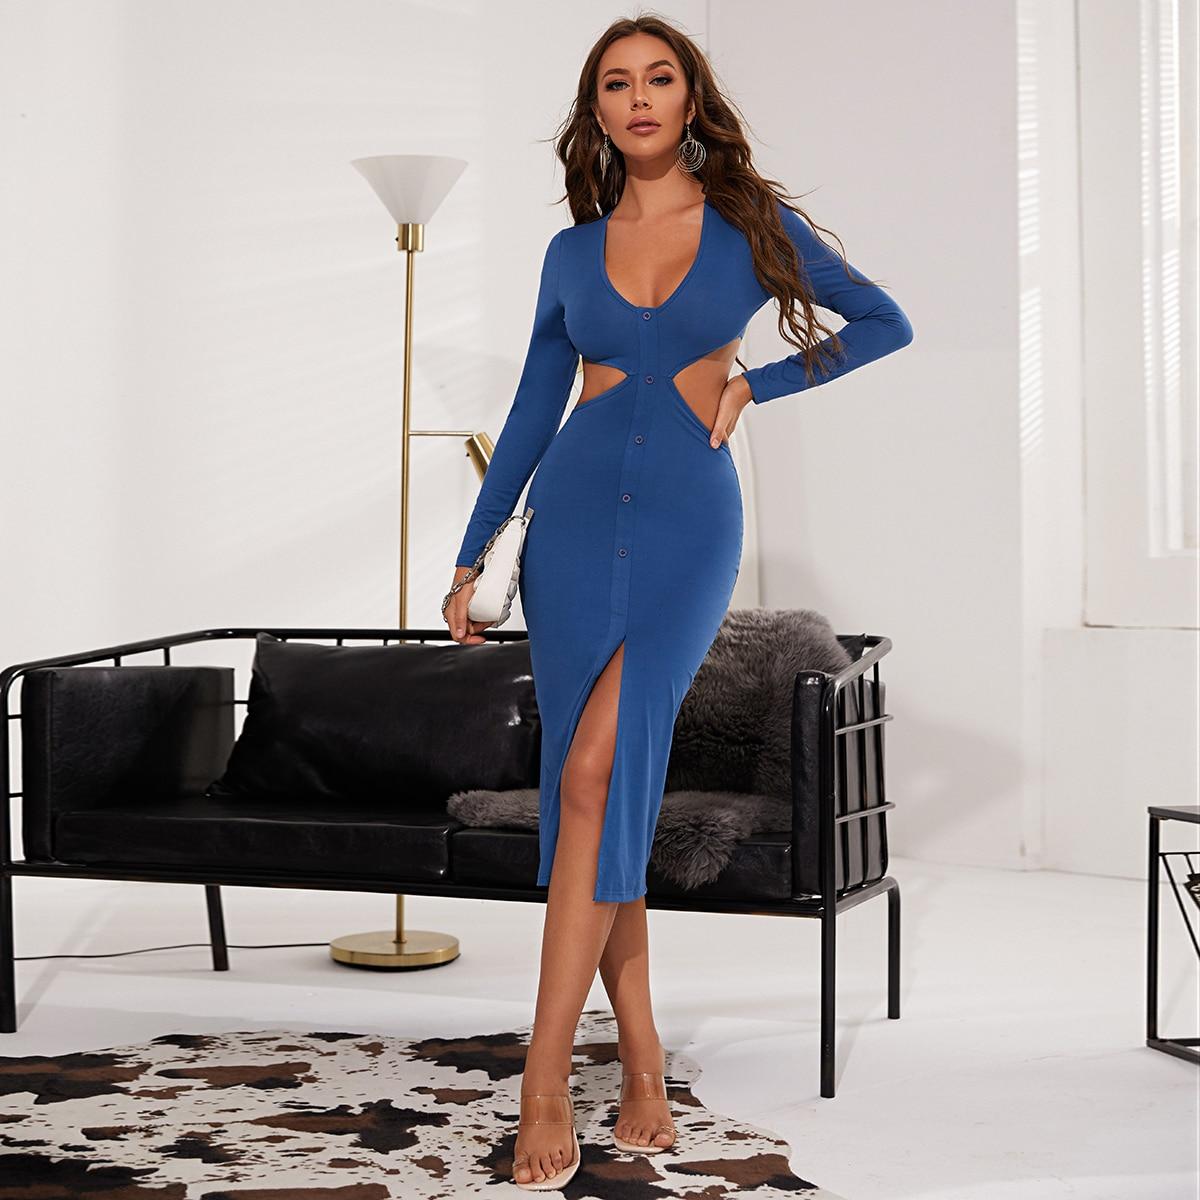 Облегающее платье с разрезом с разрезом SheIn sW210604553312202